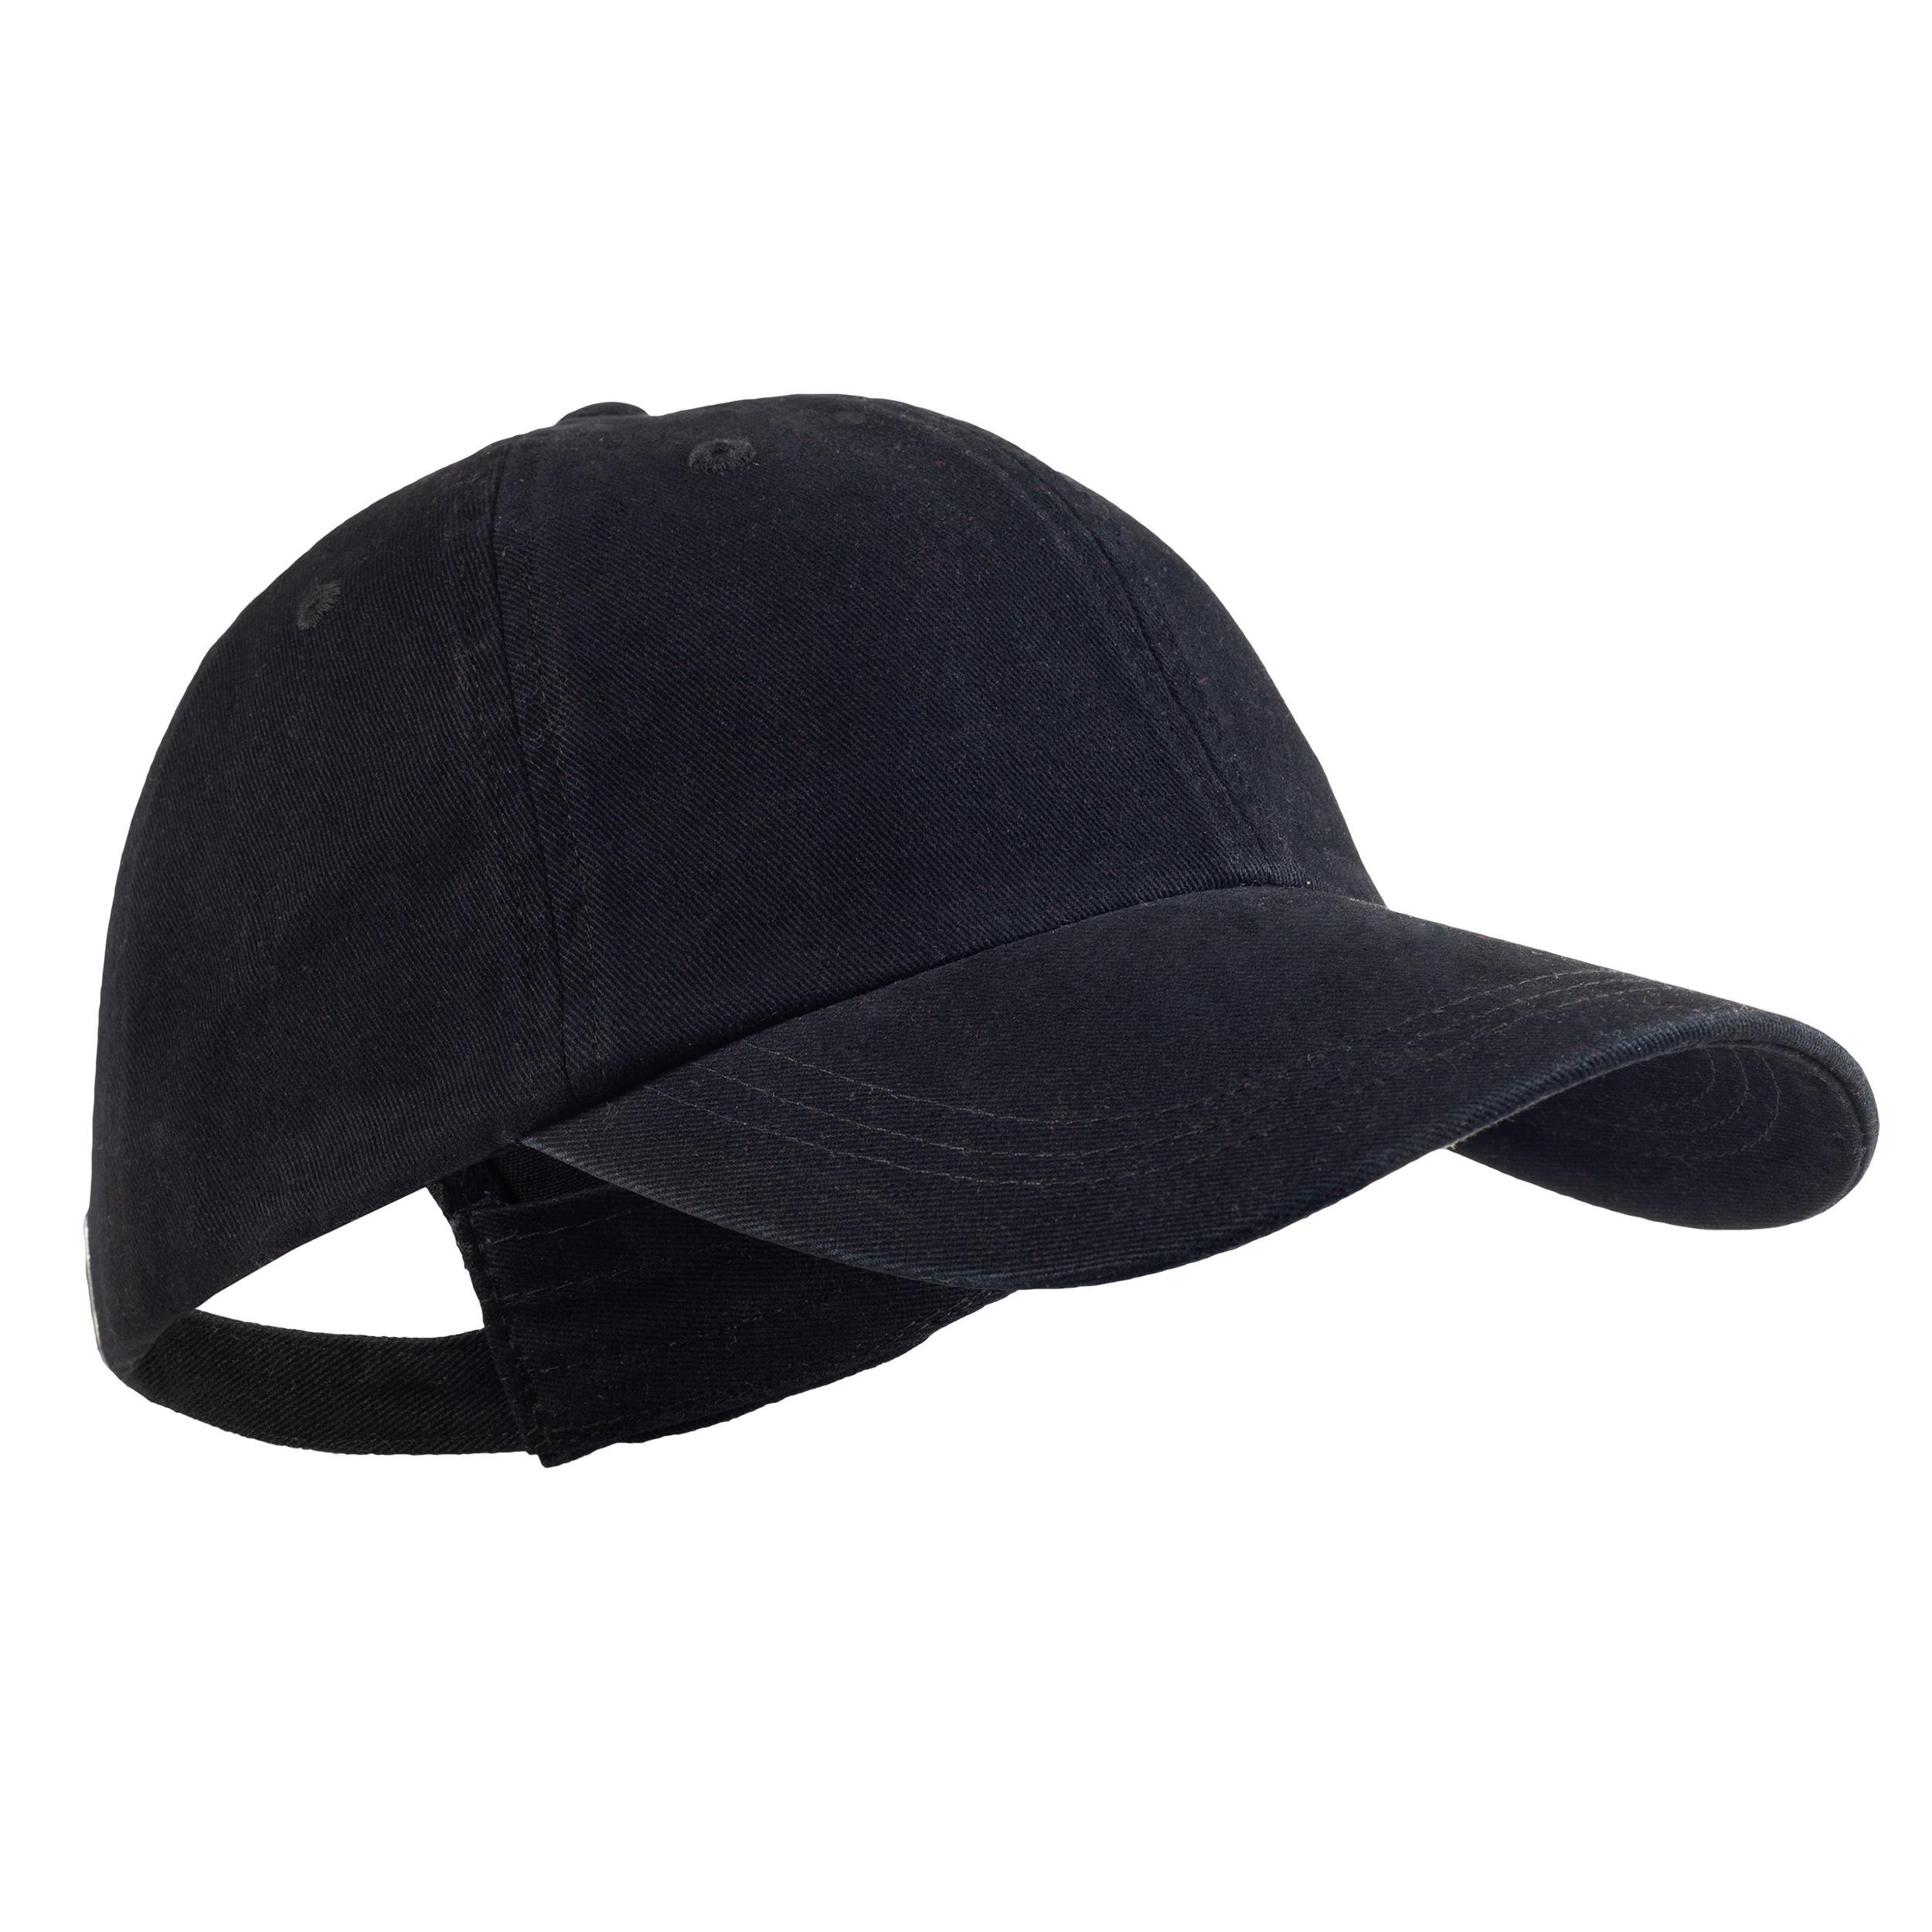 Şapcă fitness negru la Reducere poza